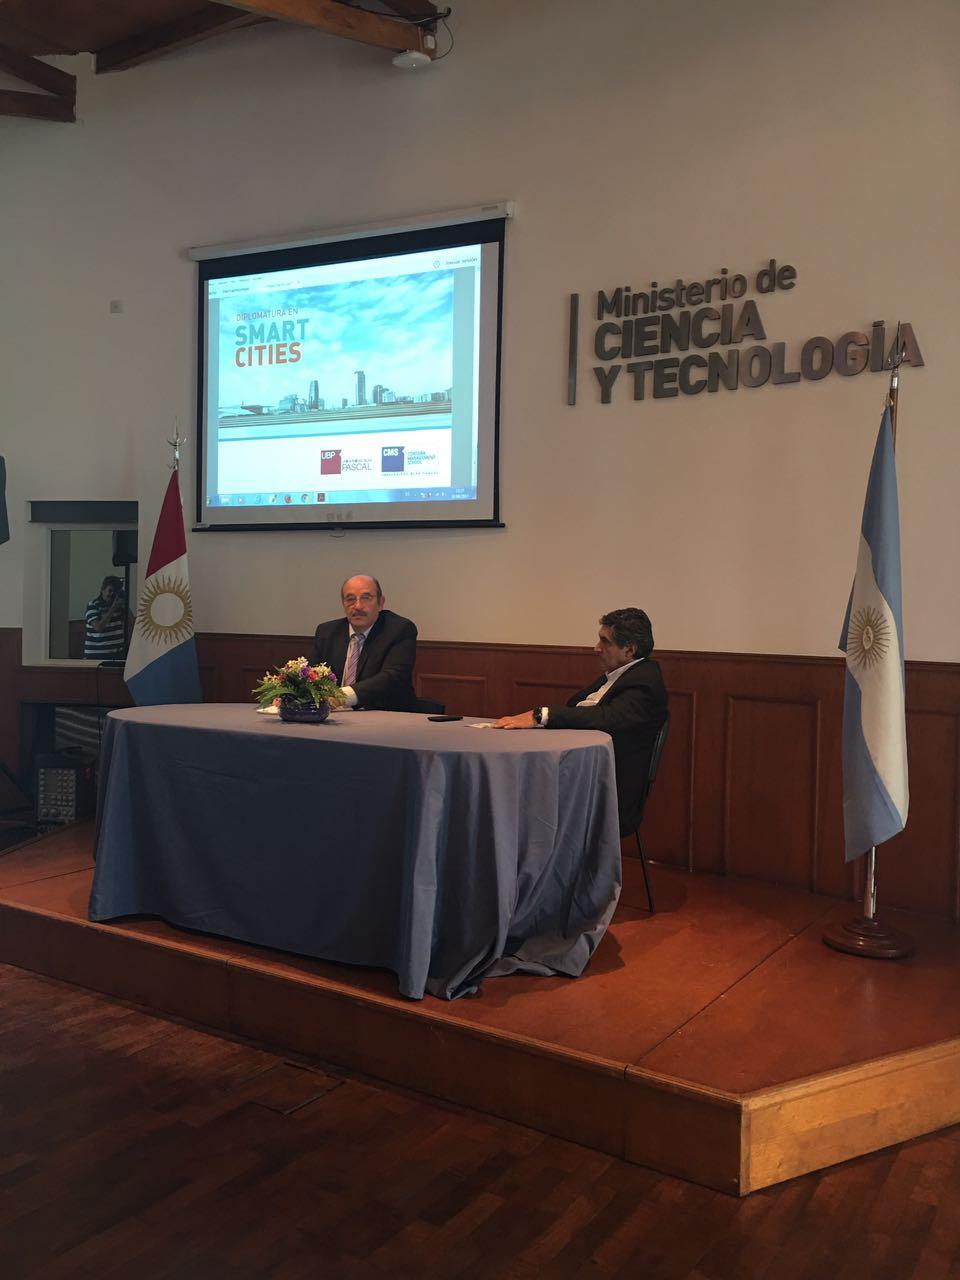 Se lanzó la Diplomatura en Smart Cities en el Ministerio de Ciencia y Tecnología